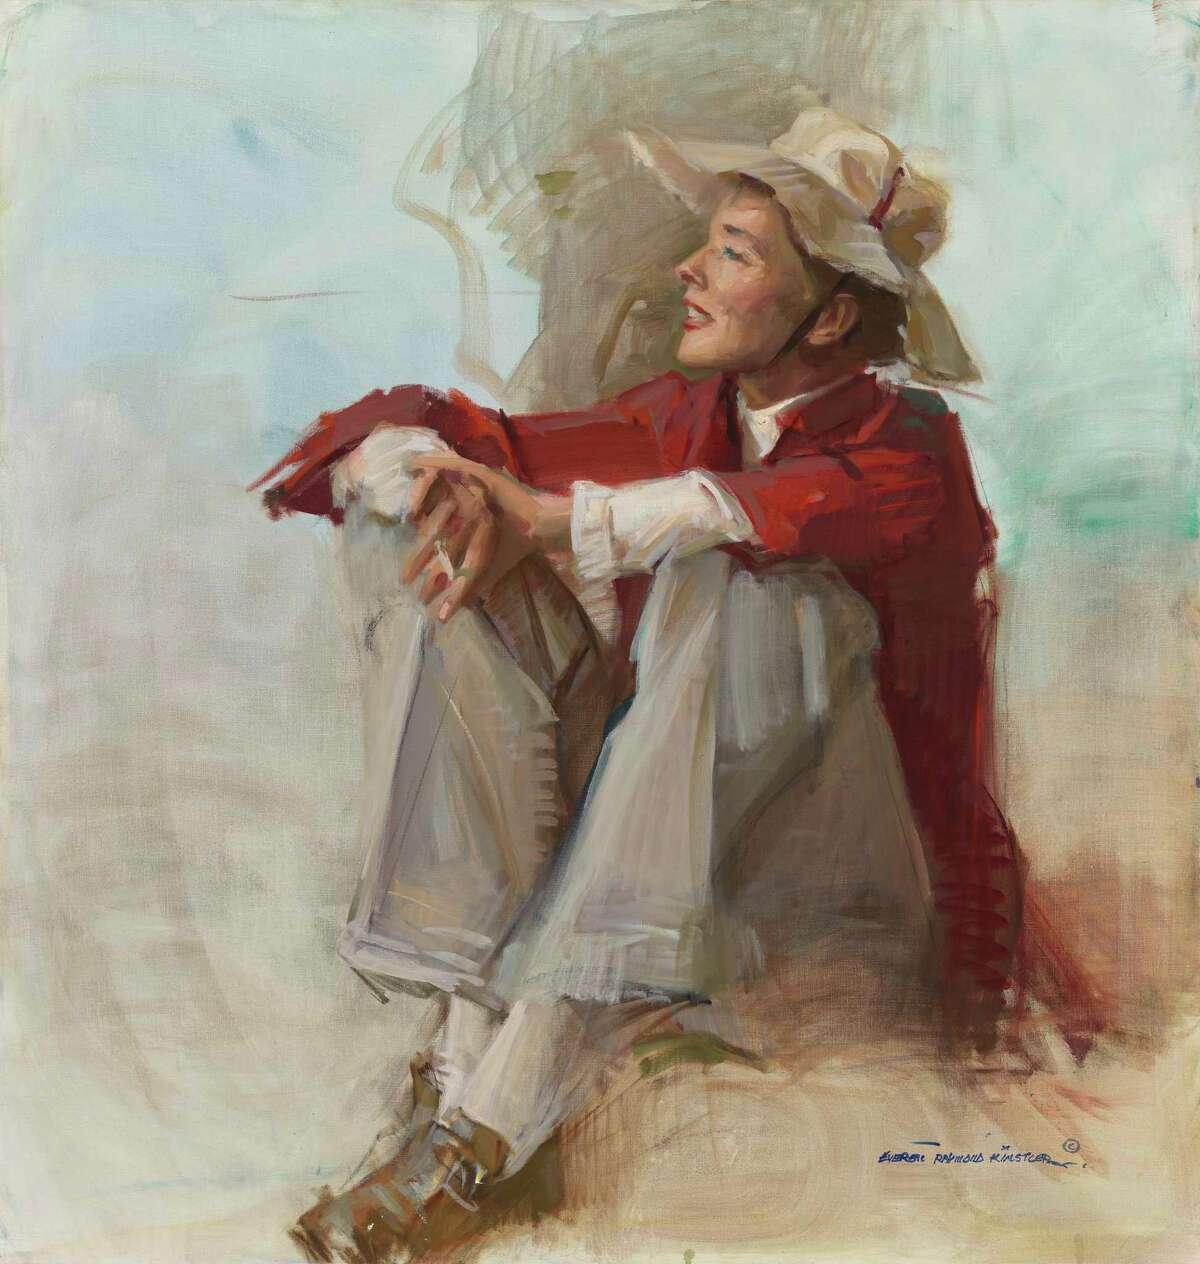 A portrait of Katharine Hepburn painted by Everett Raymond Kinstler in 1982.